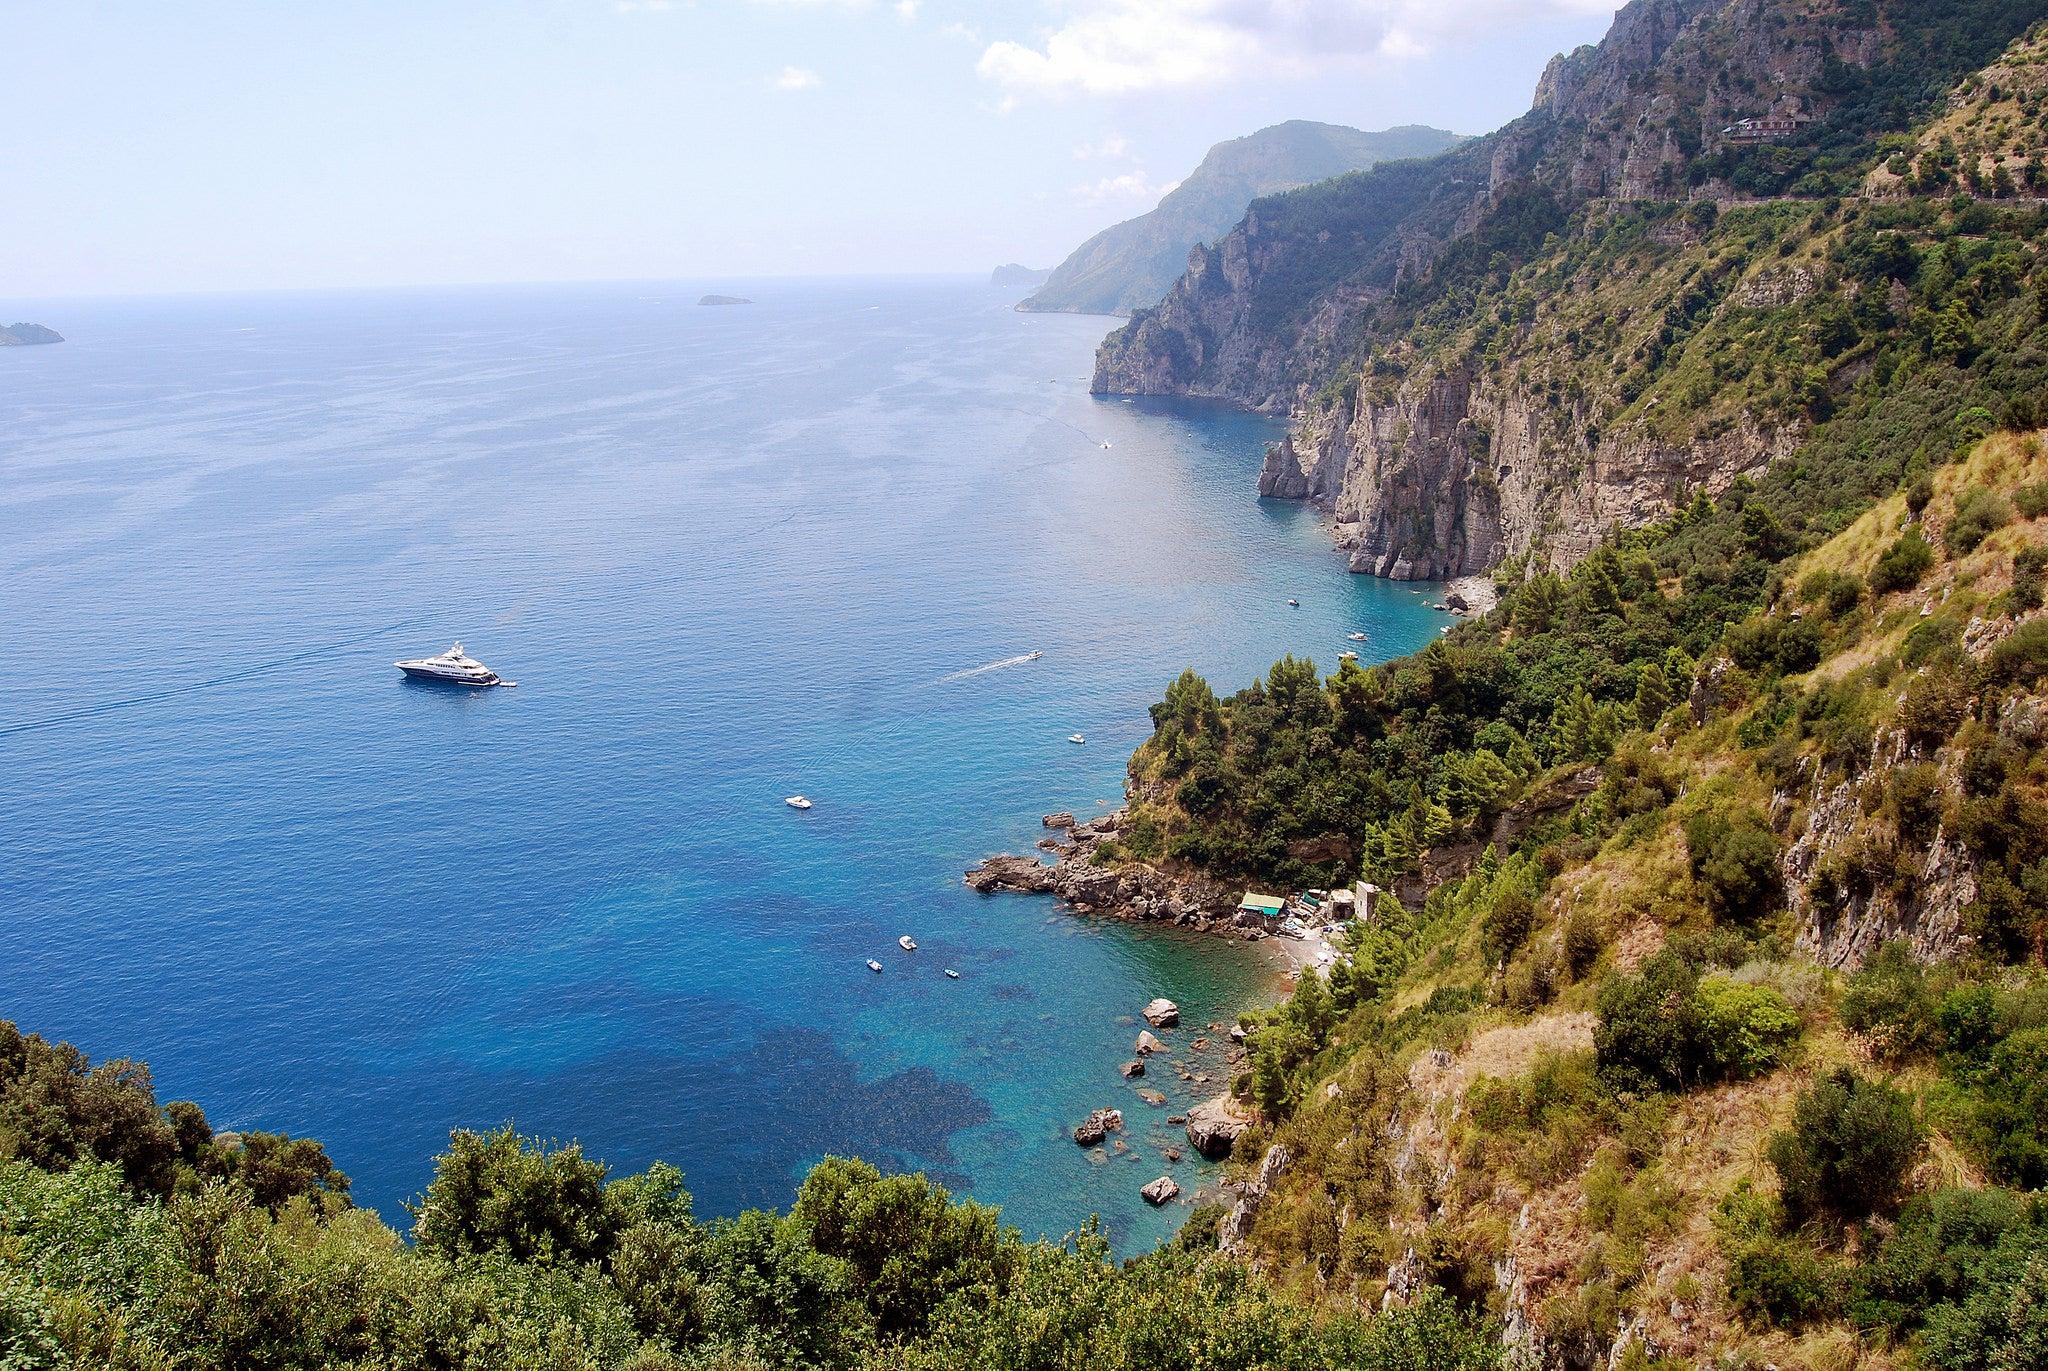 le migliori spiagge della costiera amalfitana